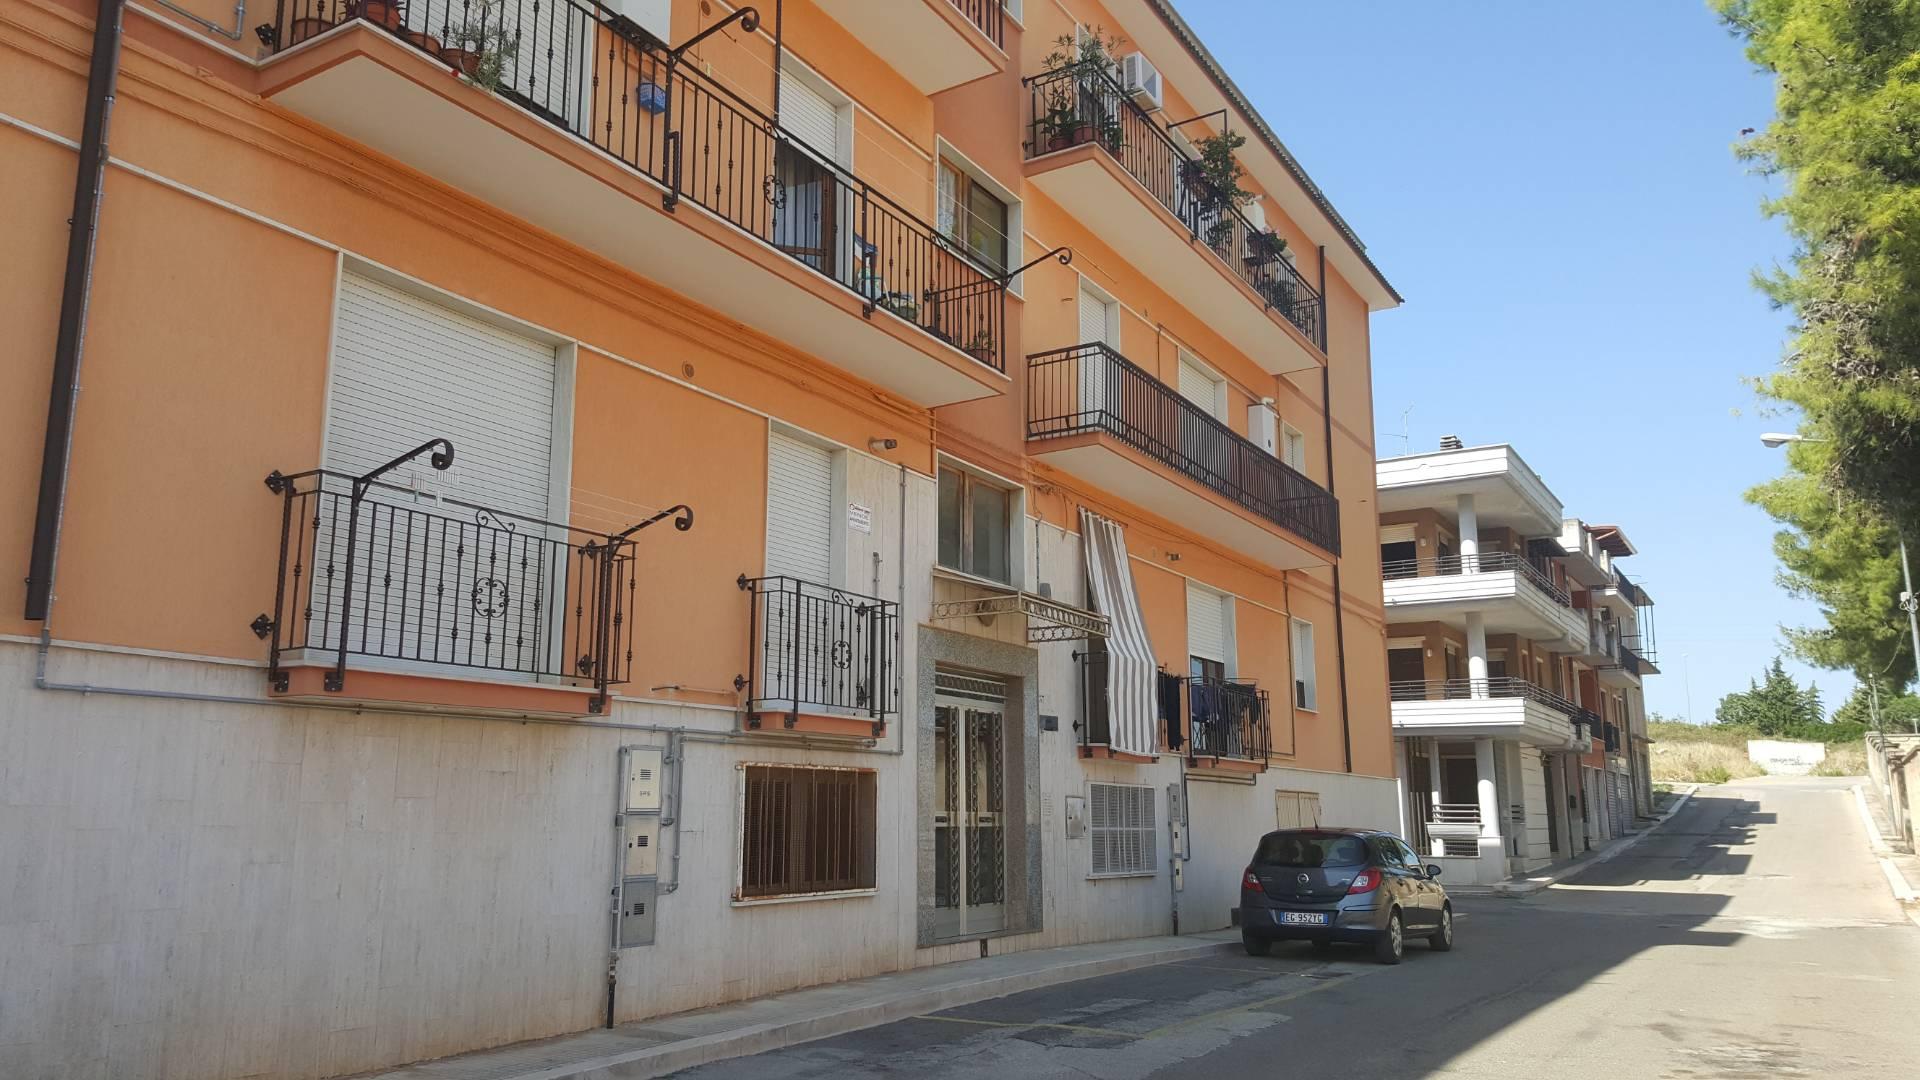 Appartamento in vendita a San Nicandro Garganico, 4 locali, zona Località: CAMPOSPORTIVO, prezzo € 49.000   CambioCasa.it